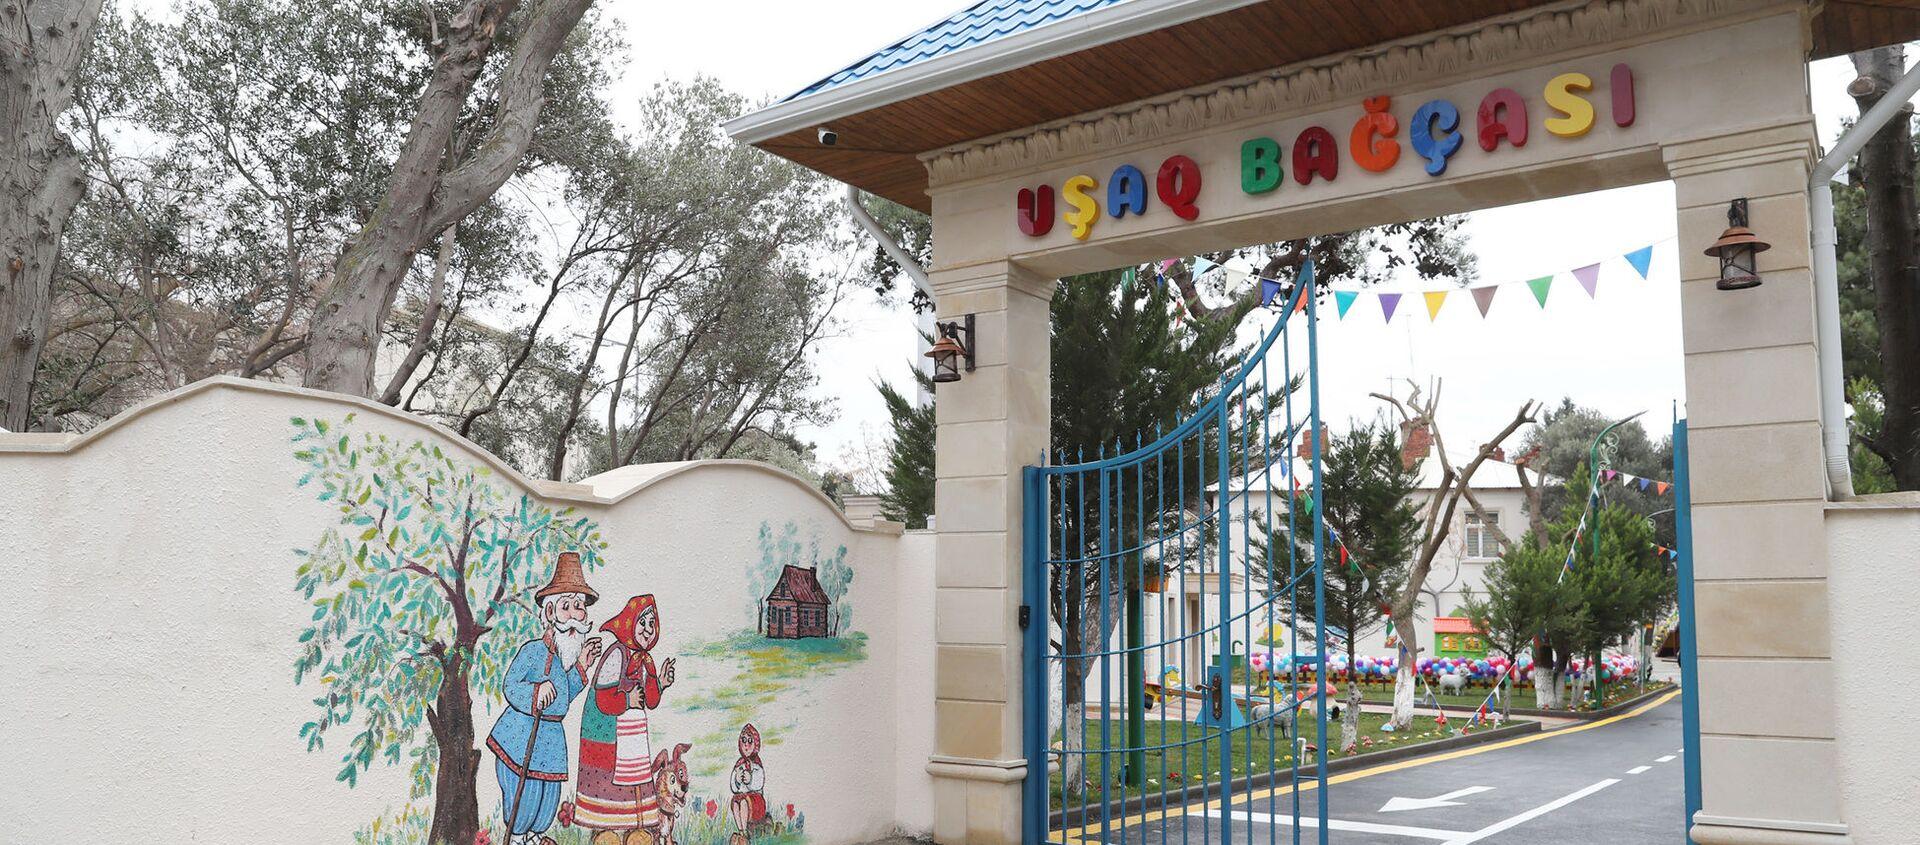 Первый вице-президент Мехрибан Алиева приняла участие в открытии нового детского сада номер 6 в Хатаинском районе Баку - Sputnik Азербайджан, 1920, 05.04.2021